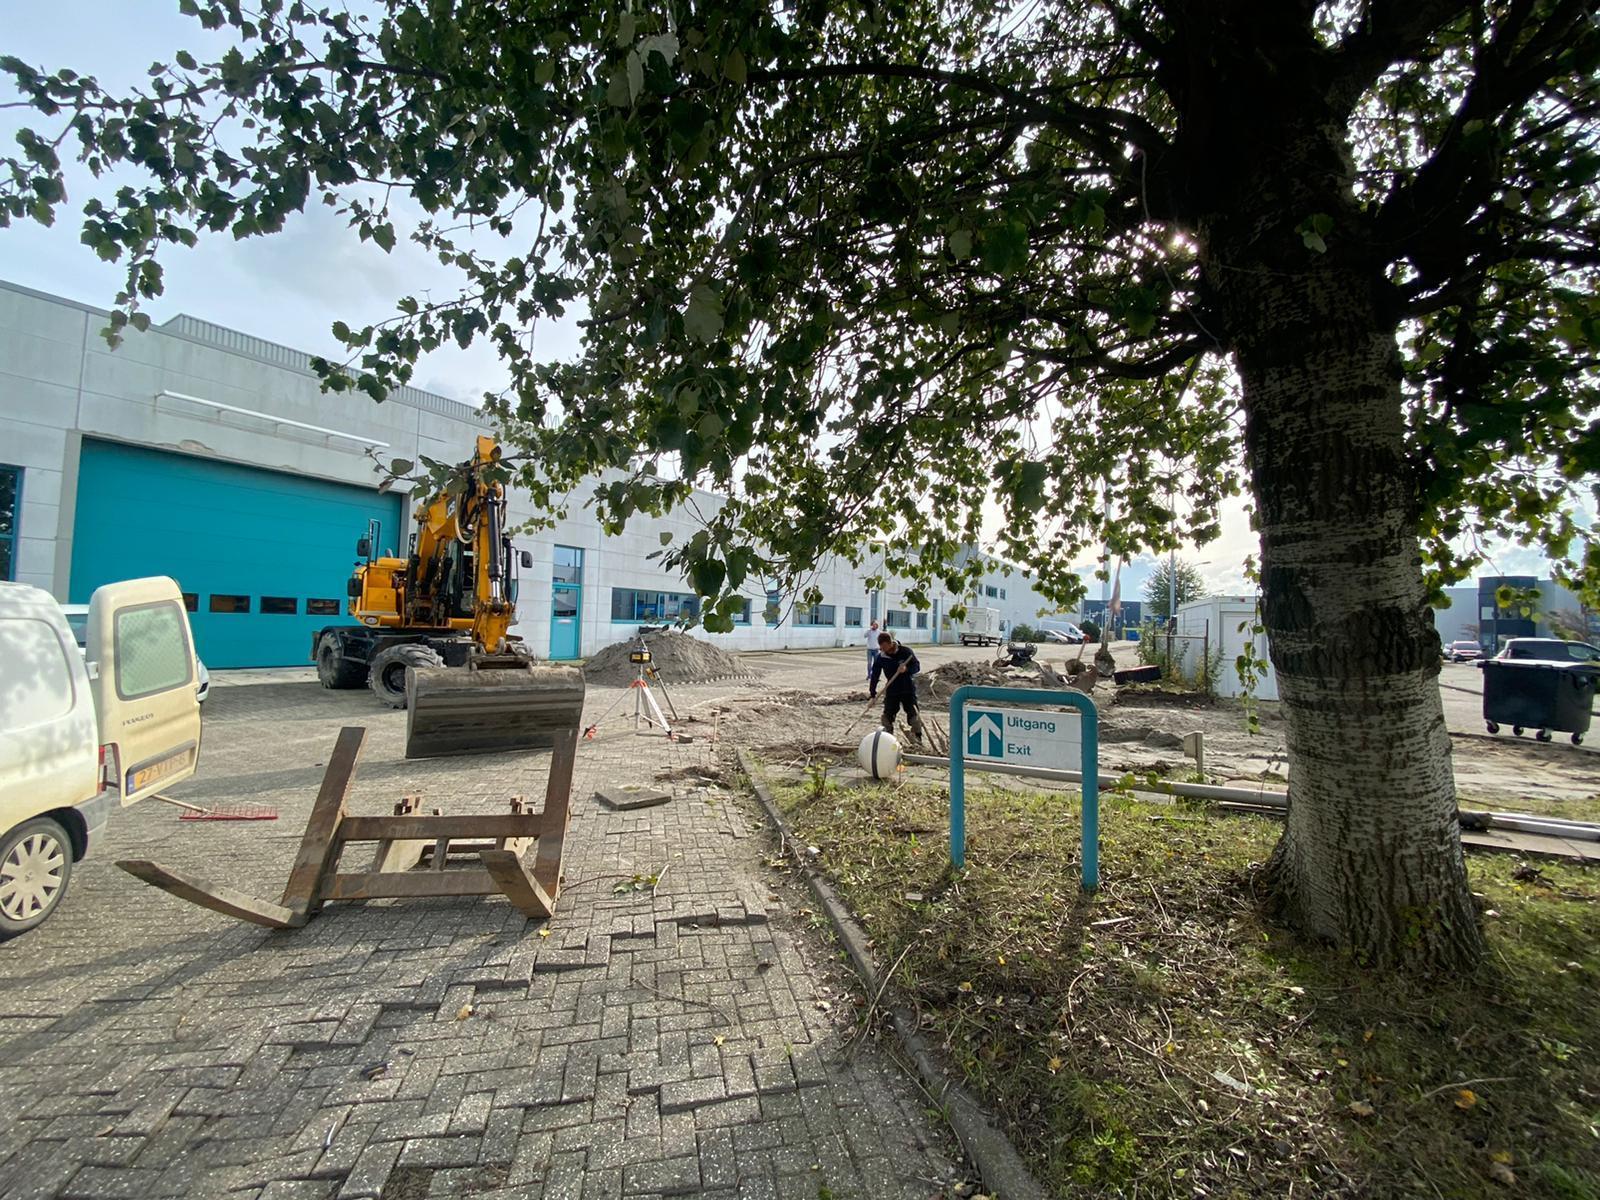 Teststraat Zaandam straks klaar voor de winter, én voor meer testcapaciteit. GGD: 'Straks kunnen we 250 meer coronatests afnemen'